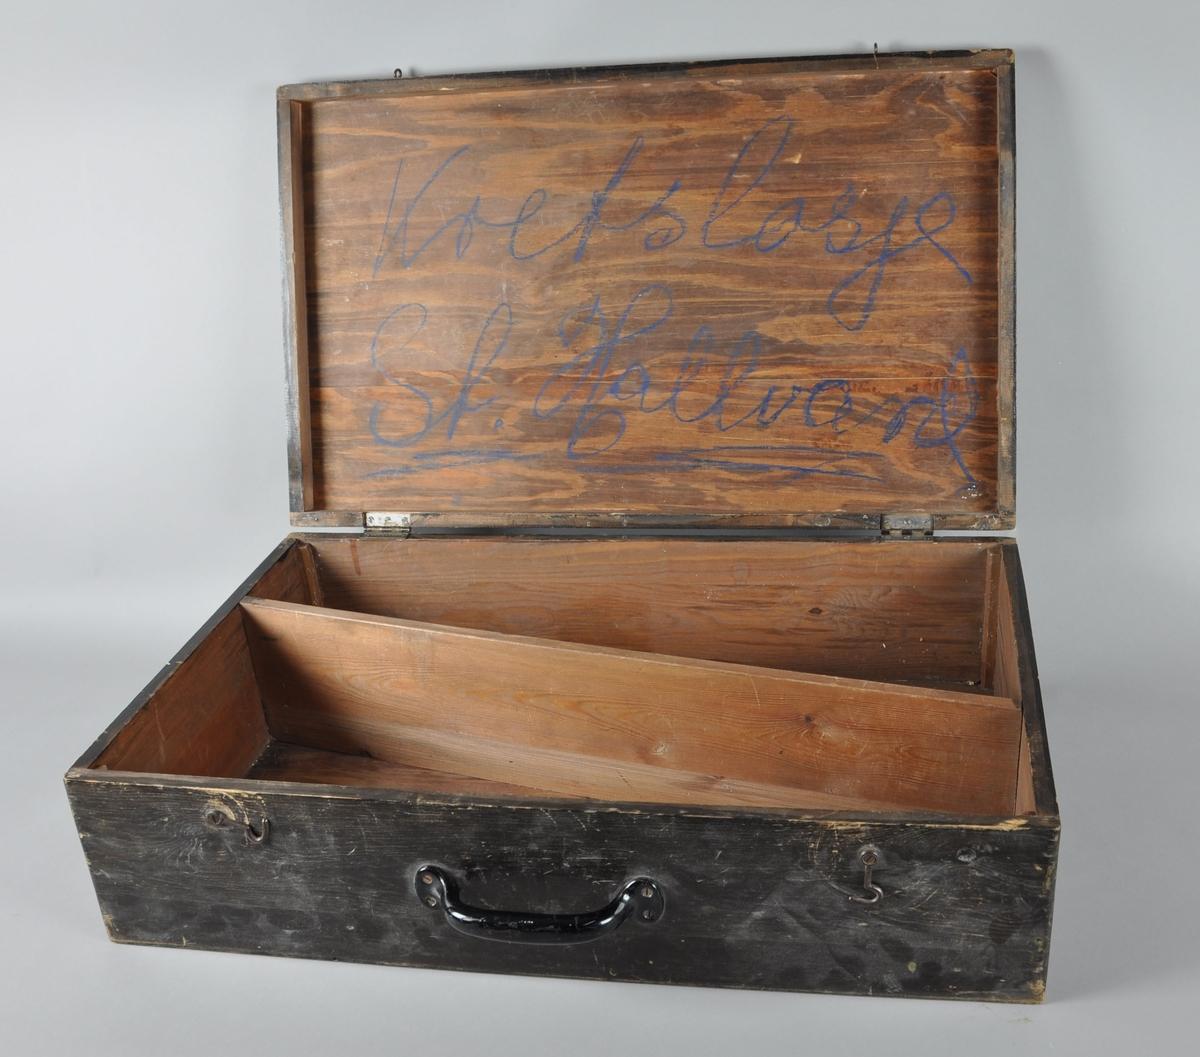 Kasse av tre med lokk, til regalie fra I.O.G.T-losje. På framsiden er det skrudd inn håndtak av metall, og en krok i hver ende holder lokket på plass. Kassen er malt brun, og på innsiden er den seksjonert diagonalt i to avdelinger for å passe regalien.